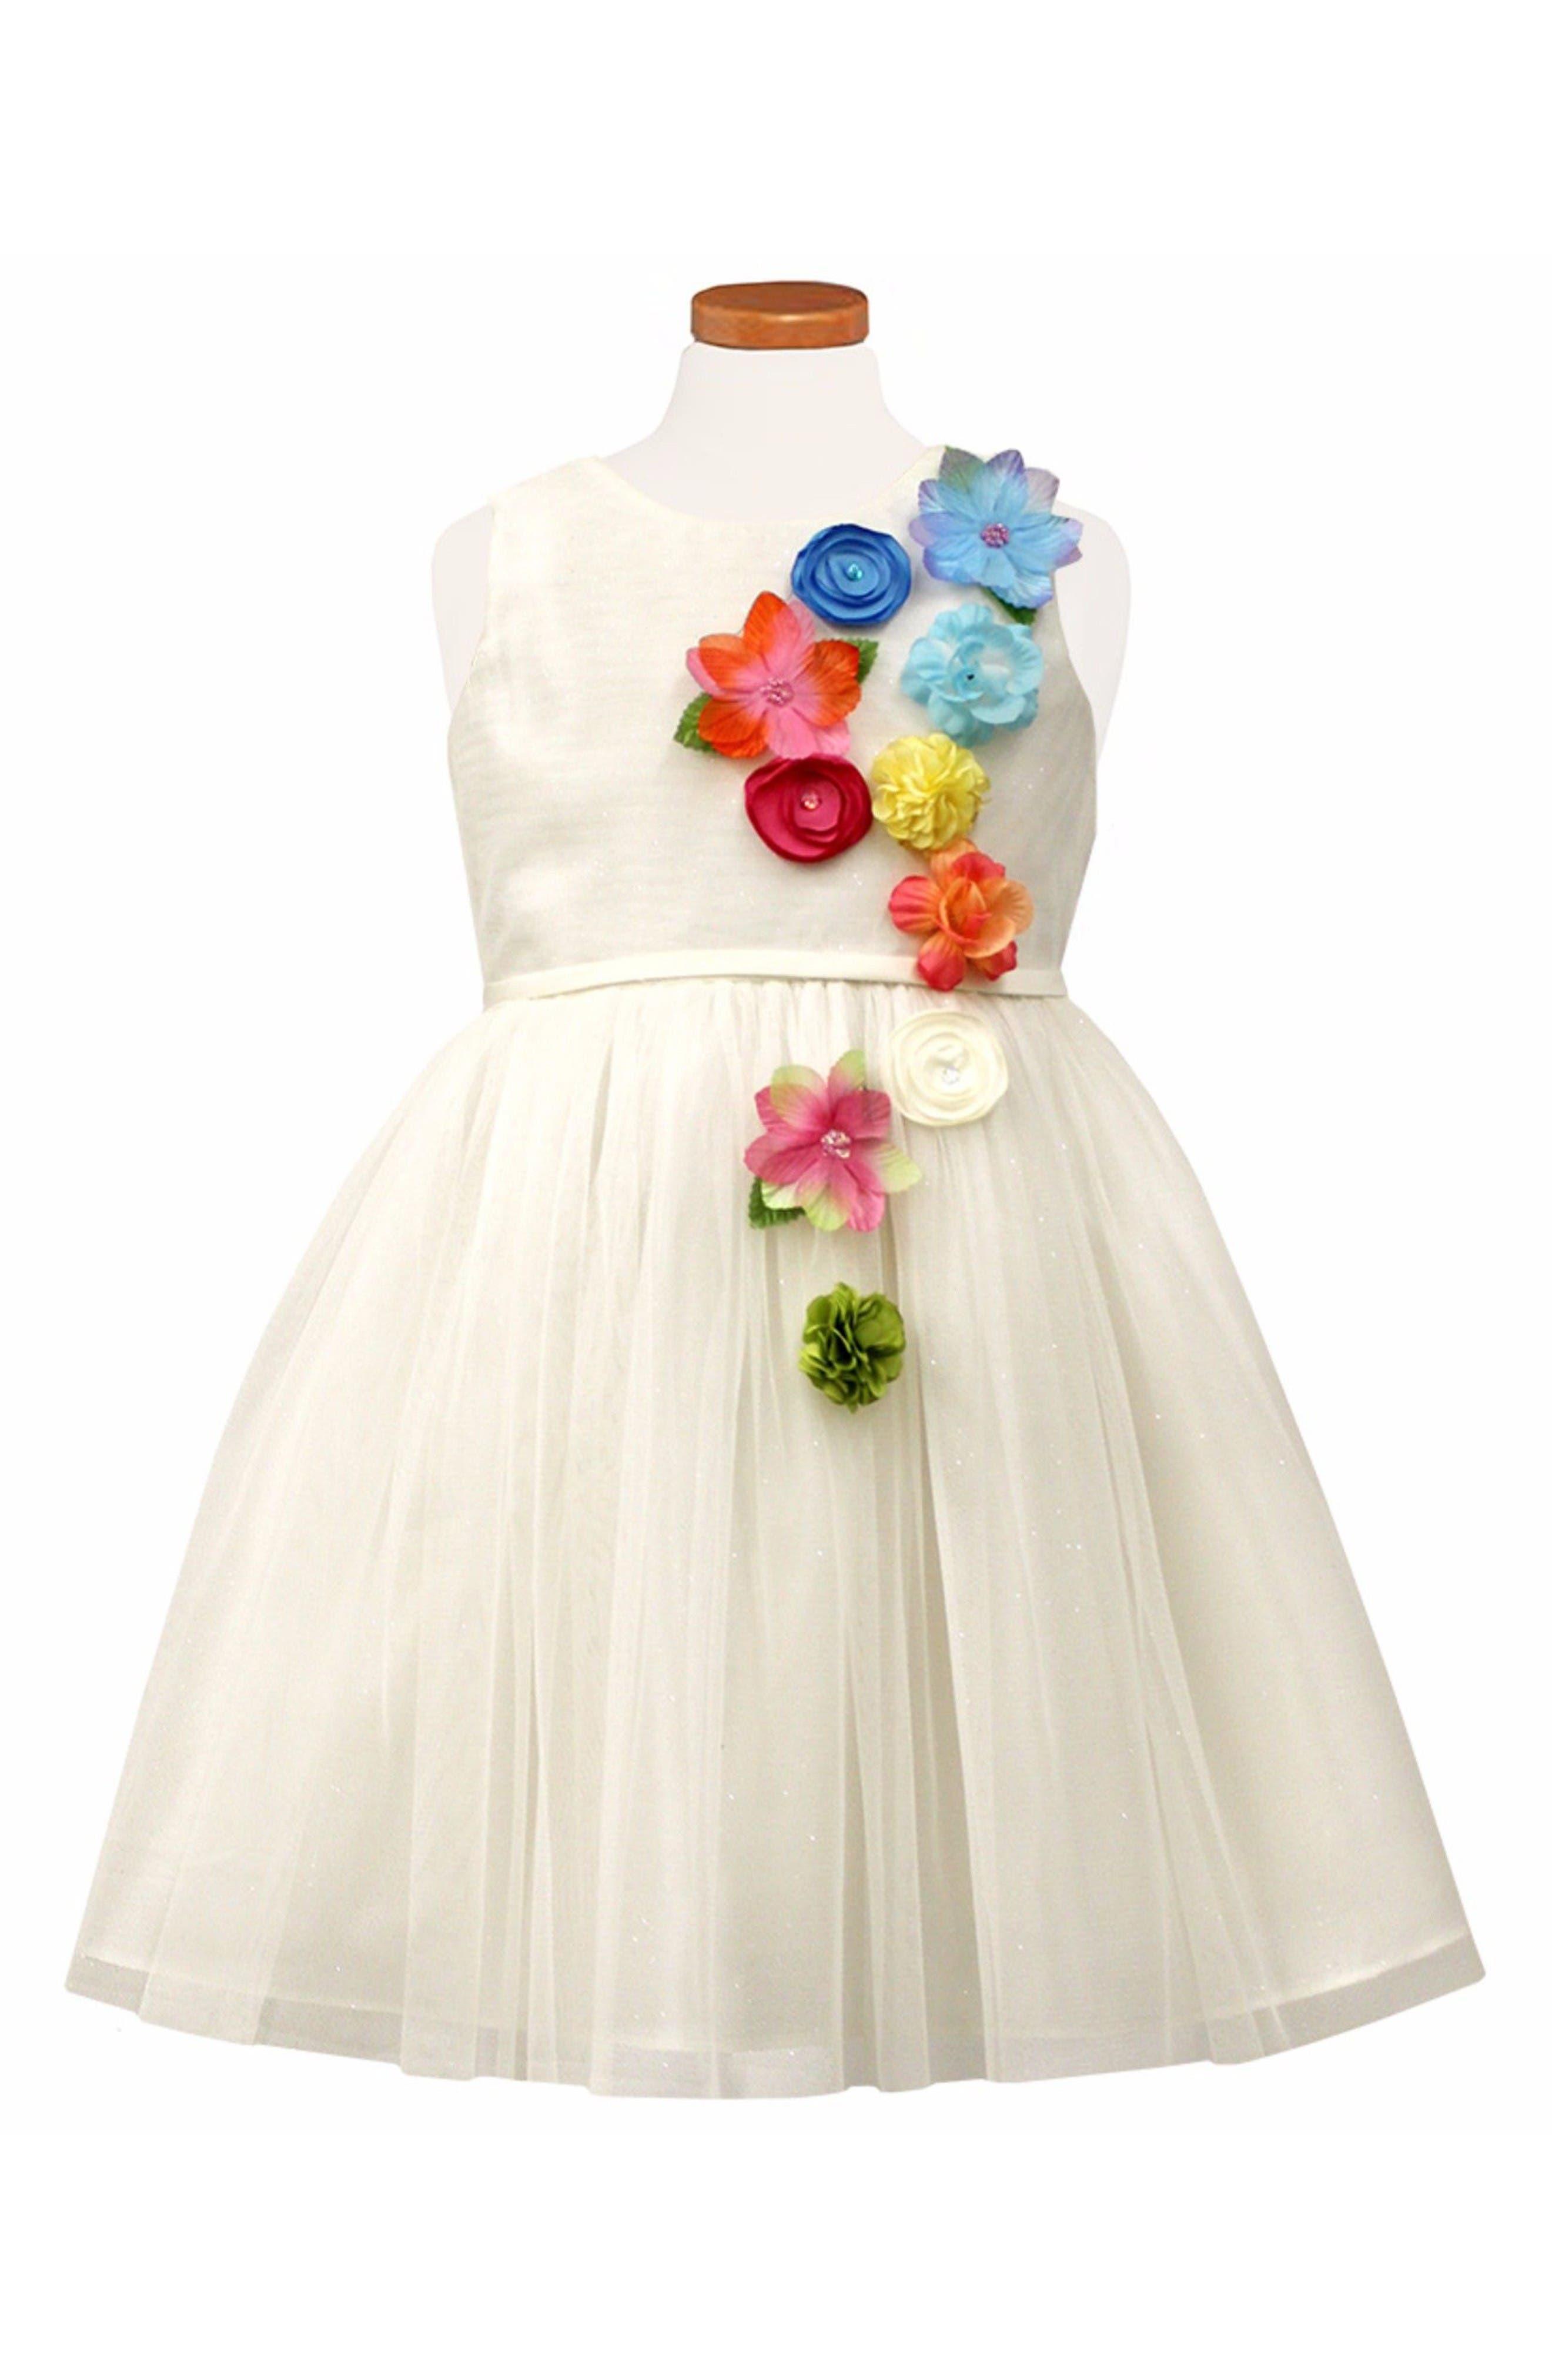 Main Image - Sorbet Flower Appliqué Tulle Party Dress (Toddler Girls & Little Girls)